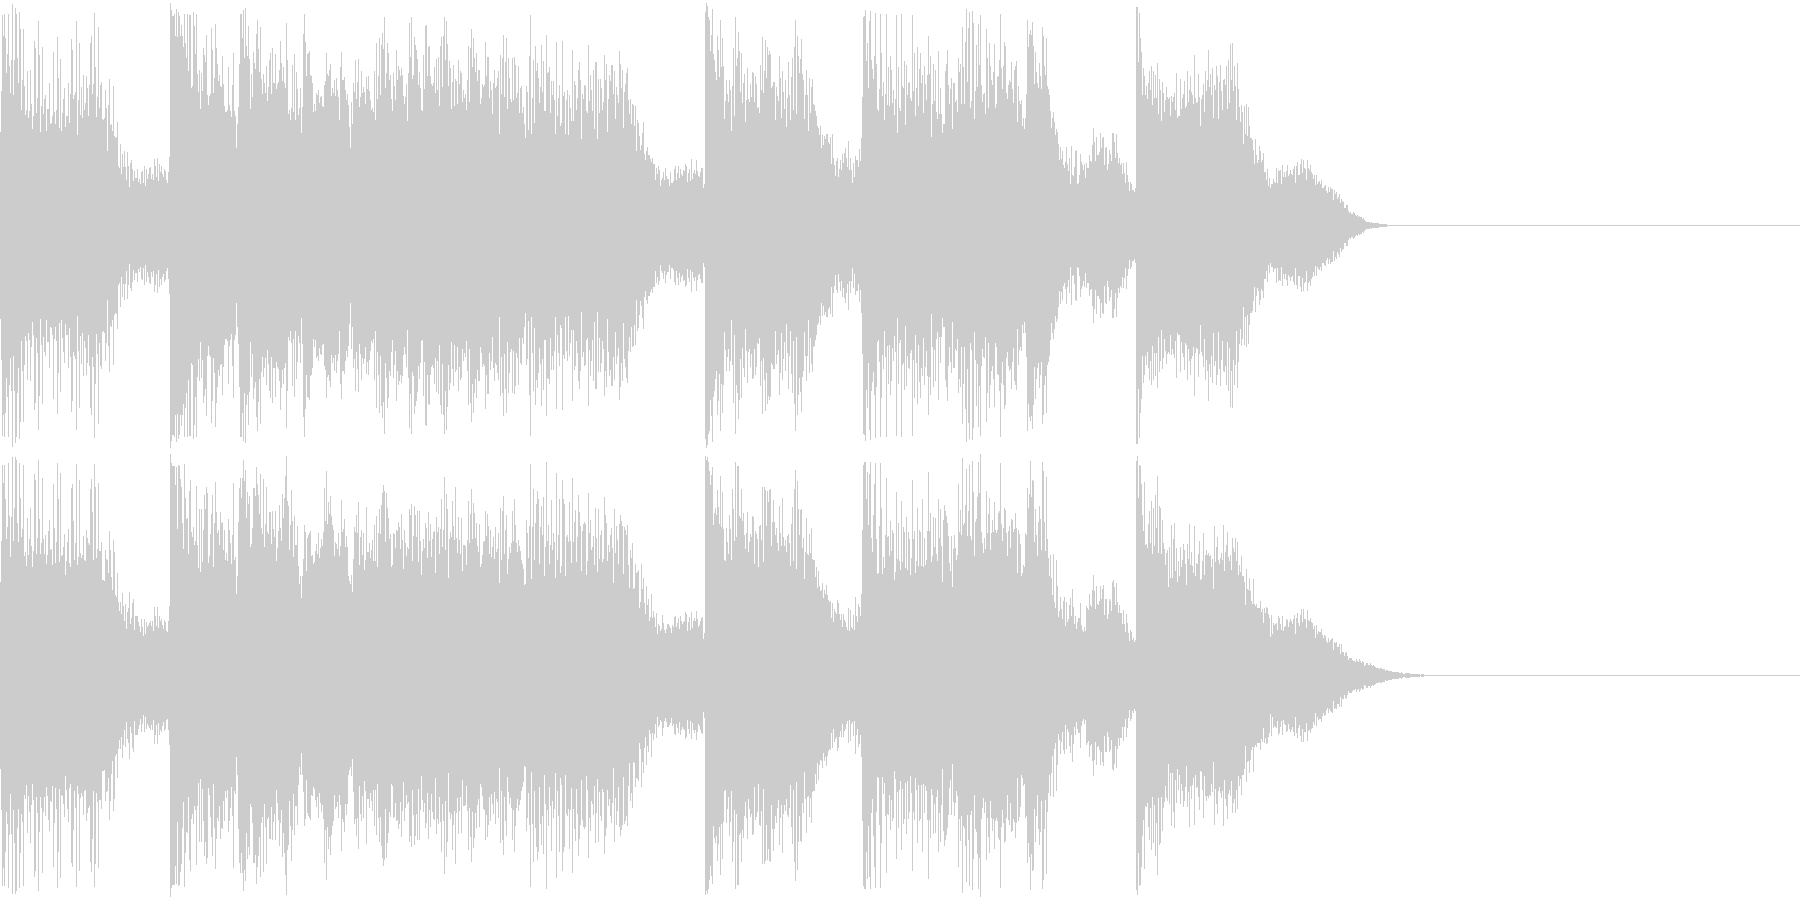 AI メカ/ロボ/マシン動作音 40の未再生の波形